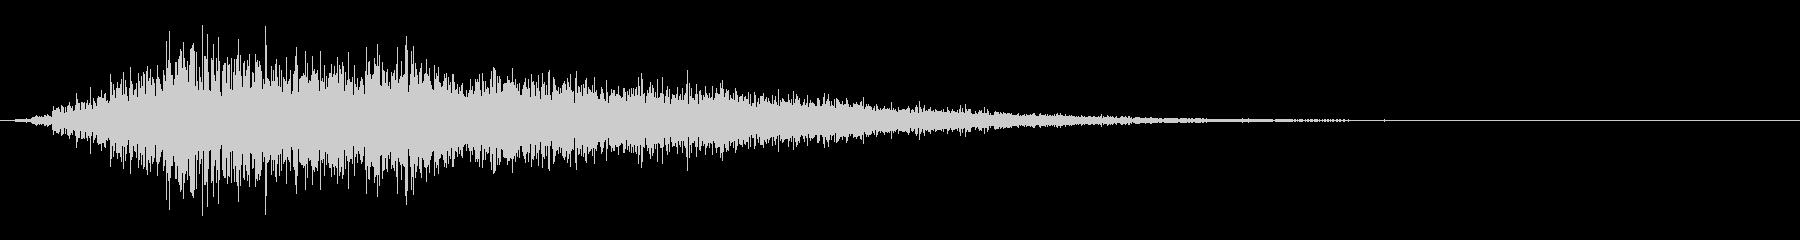 キュイーン(パワーアップ/レベルアップ)の未再生の波形